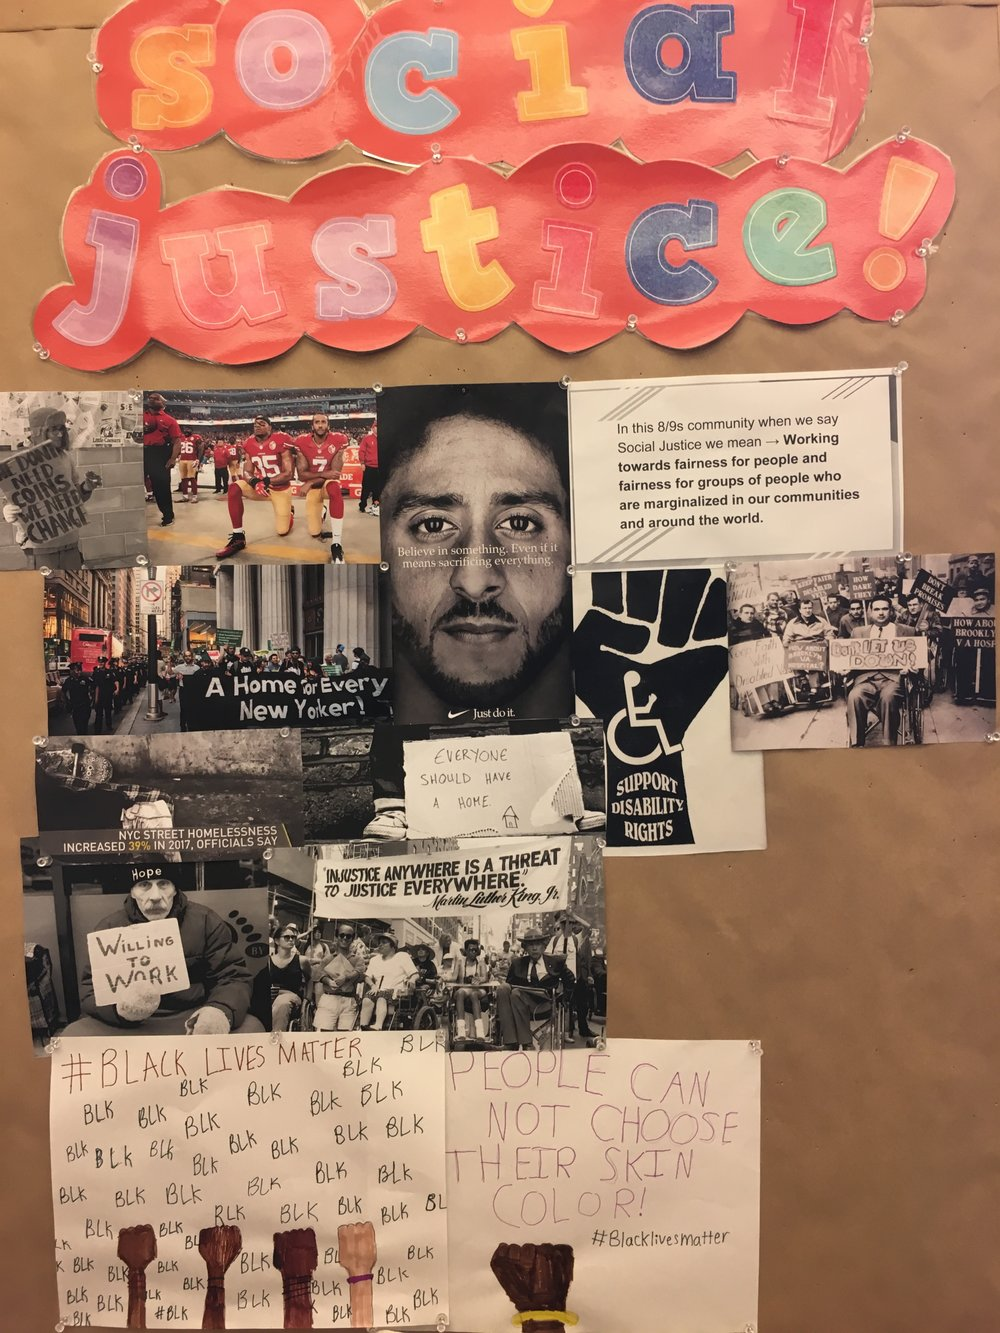 socialjusticeposter.JPG